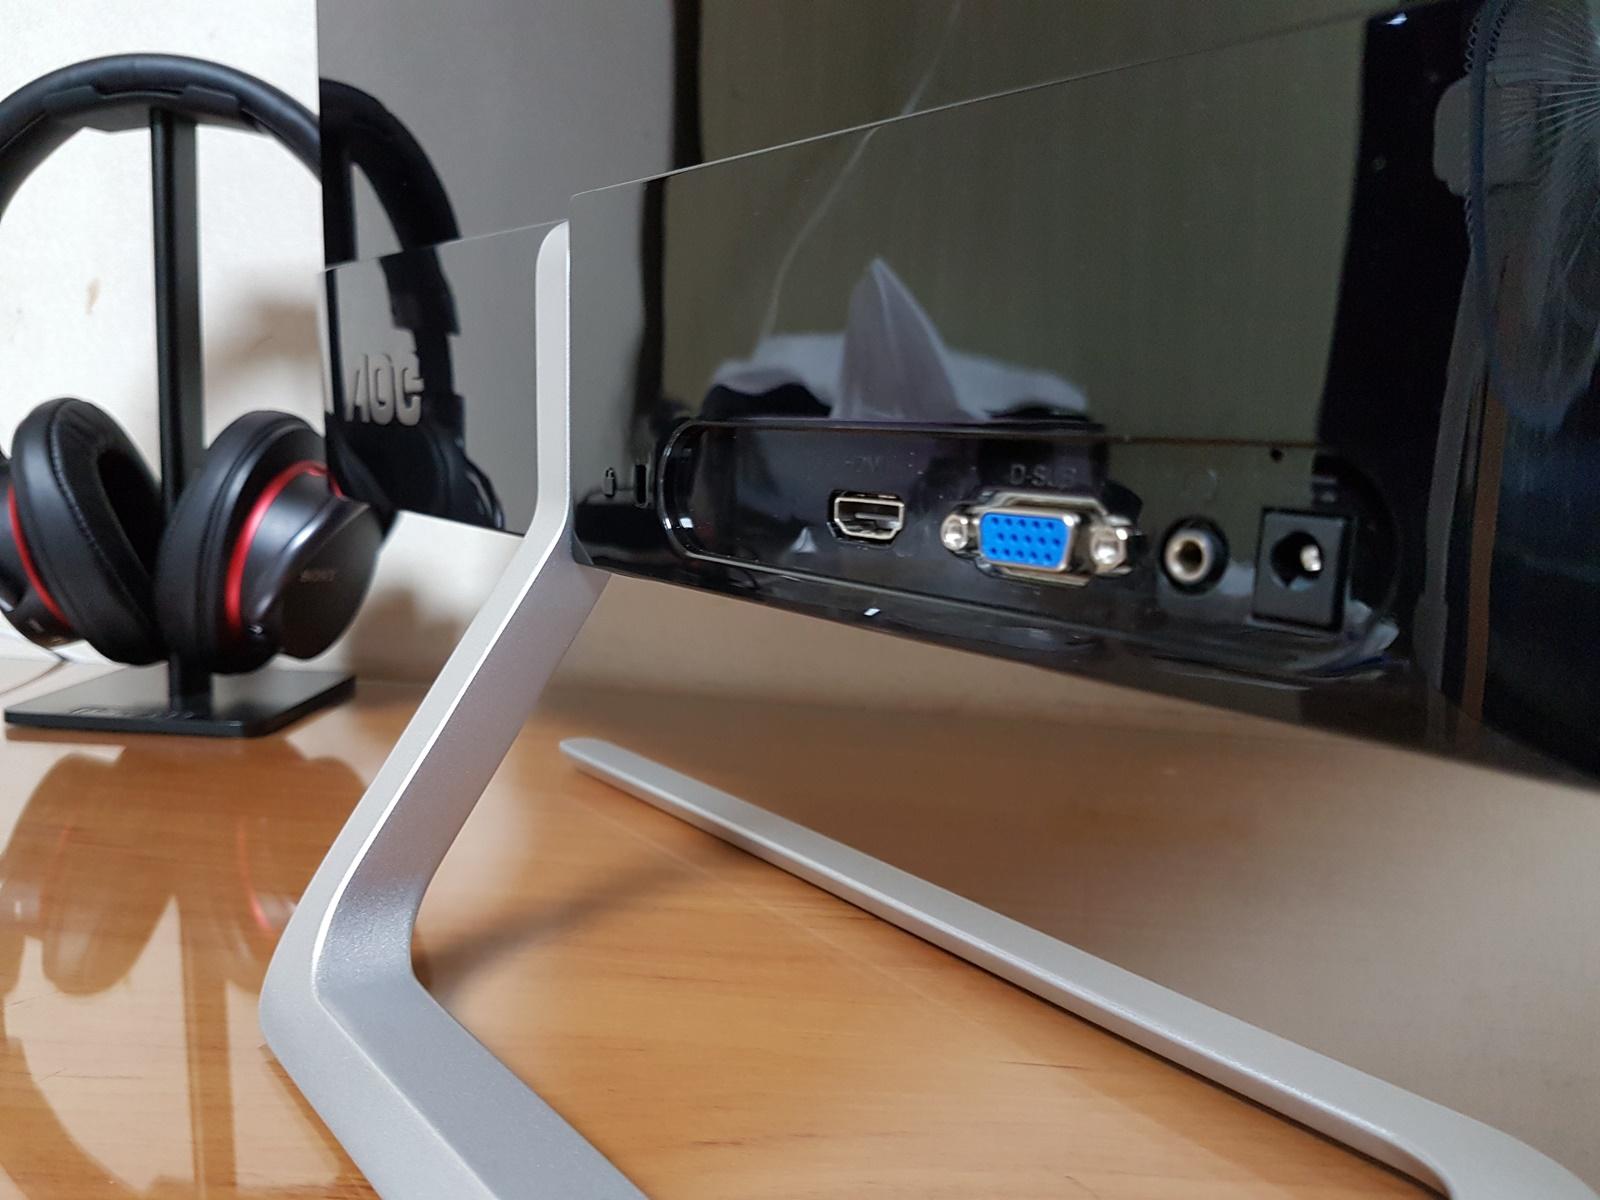 좌측부터 켄싱턴 락홀, HDMI, D-SUB, 3.5파이 오디오 출력(HDMI로 연결 시에만 해당), 전원(19V 1.31A) 단자가 있습니다.